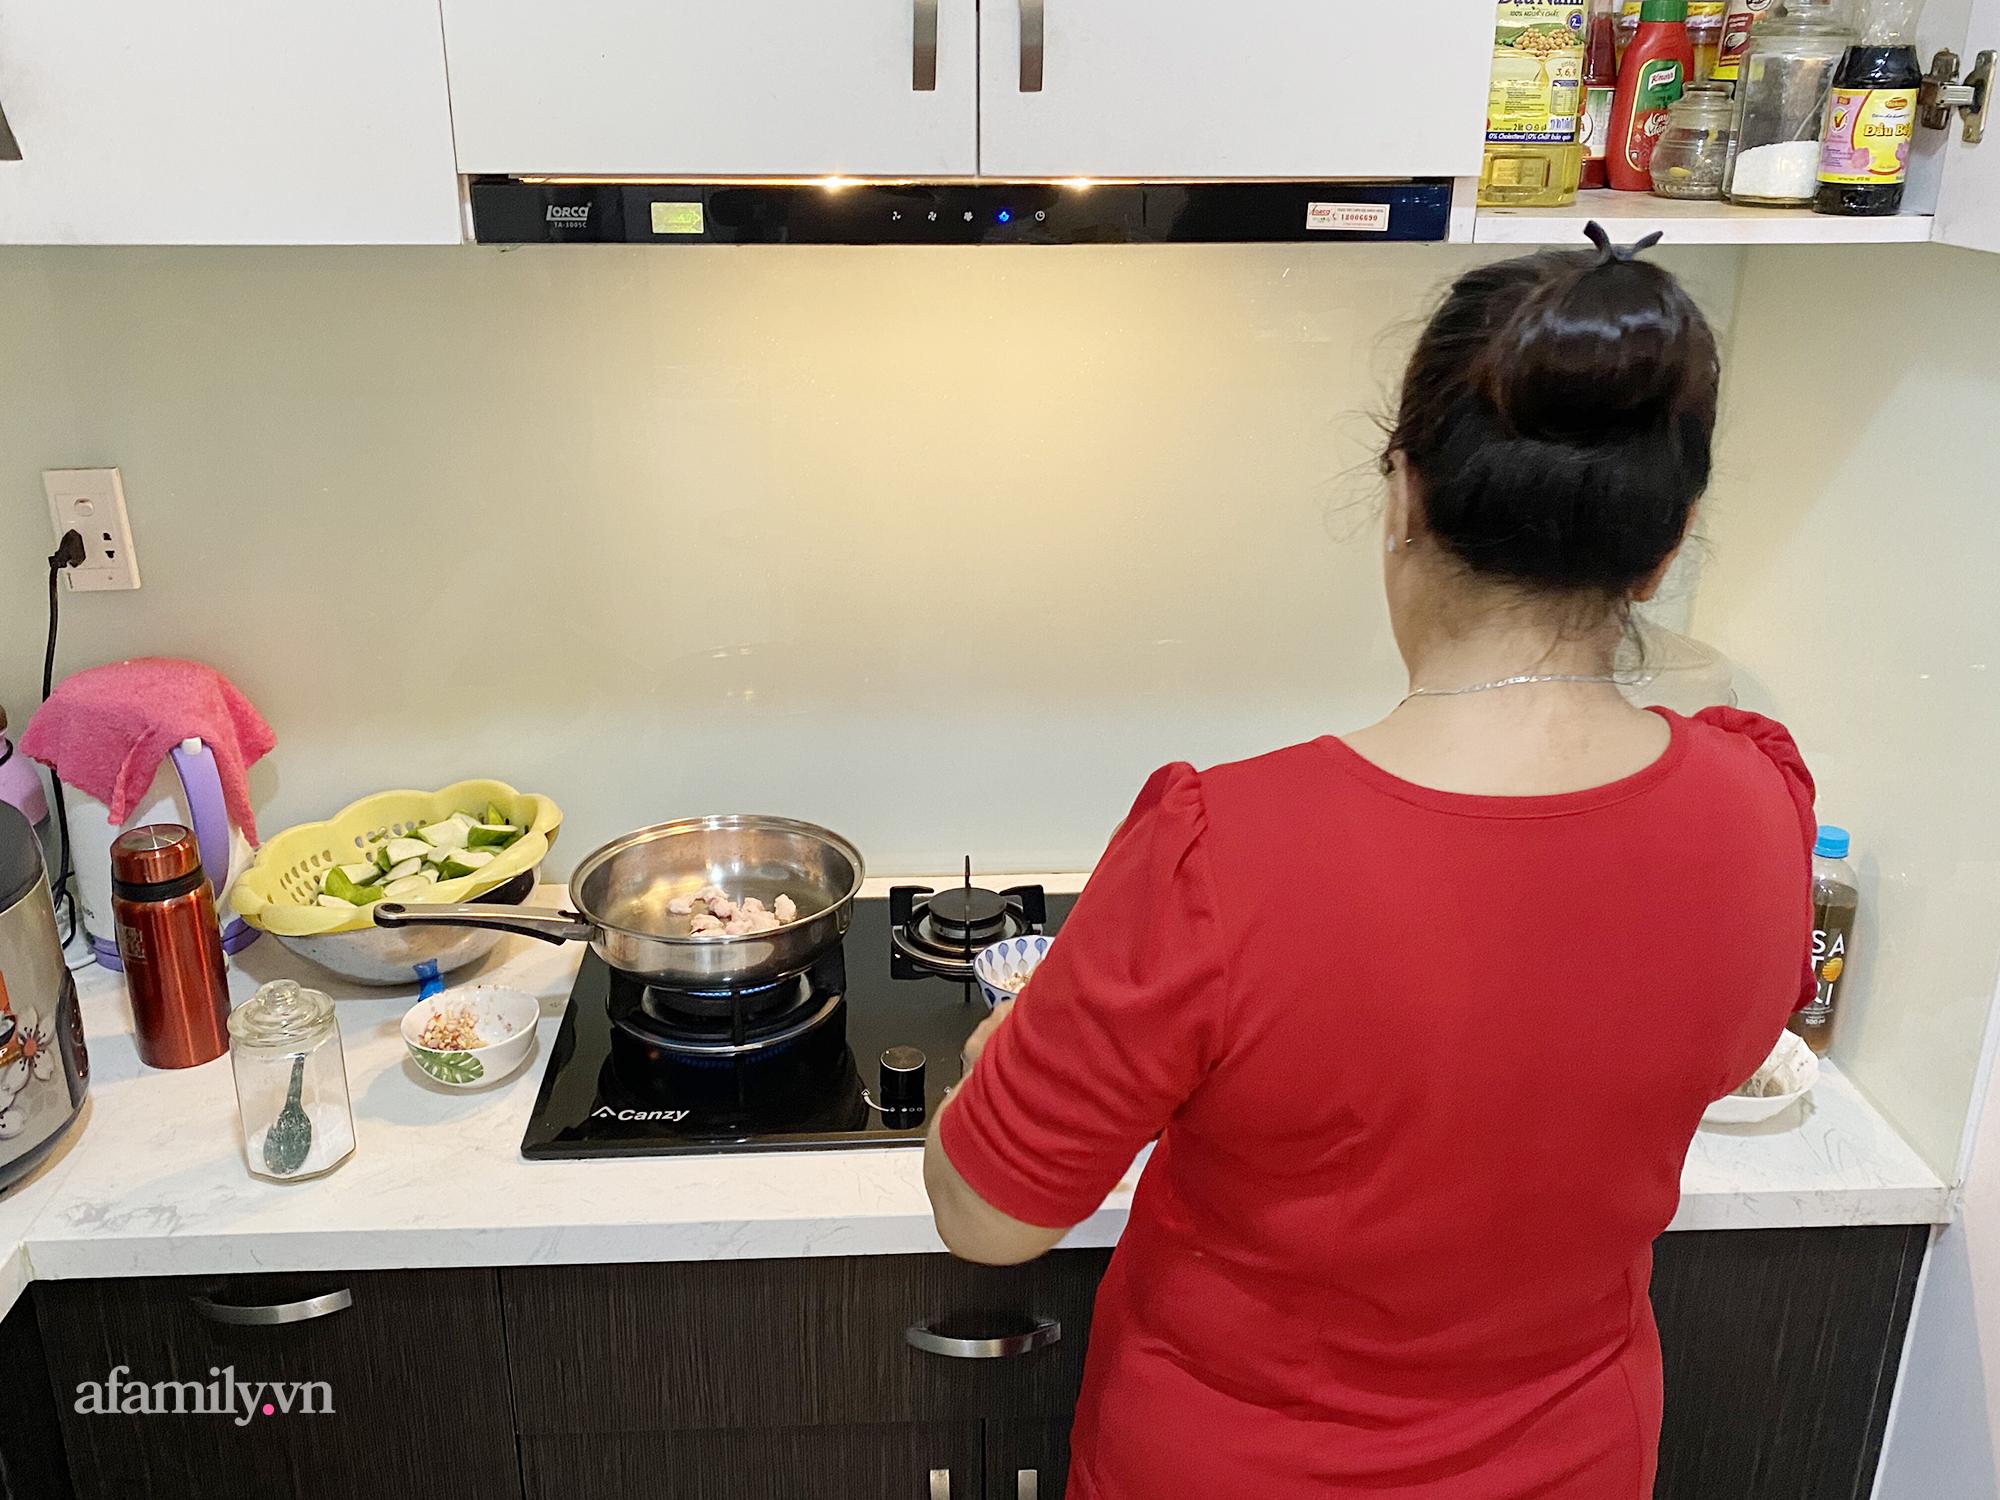 """Ở nhà giãn cách, bà mẹ đau đầu với """"hạm đội"""" 7 người diệt sạch hơn 2kg thịt cho 2 bữa ăn, tiền chợ trước dịch từ 300k thành 700k/ngày - Ảnh 1."""